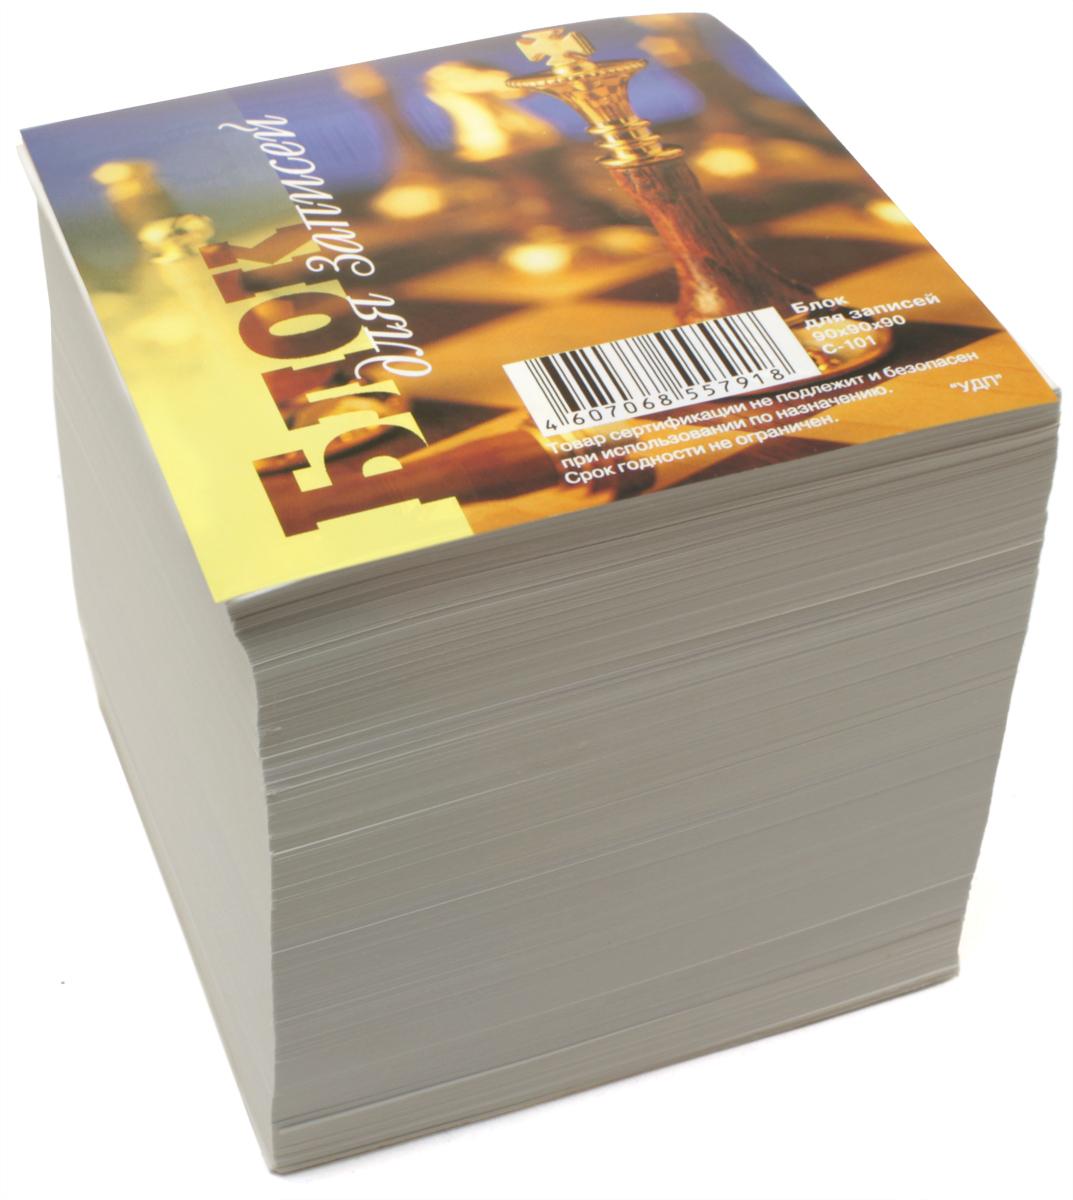 Ульяновский Дом печати Блок для записей цвет белый С-101 С-042С-101 С-042Бумага для записей Ульяновский Дом печати - практичное решение для оперативной записи информации в офисе или дома. Блок состоит из листов белой бумаги на склейке.